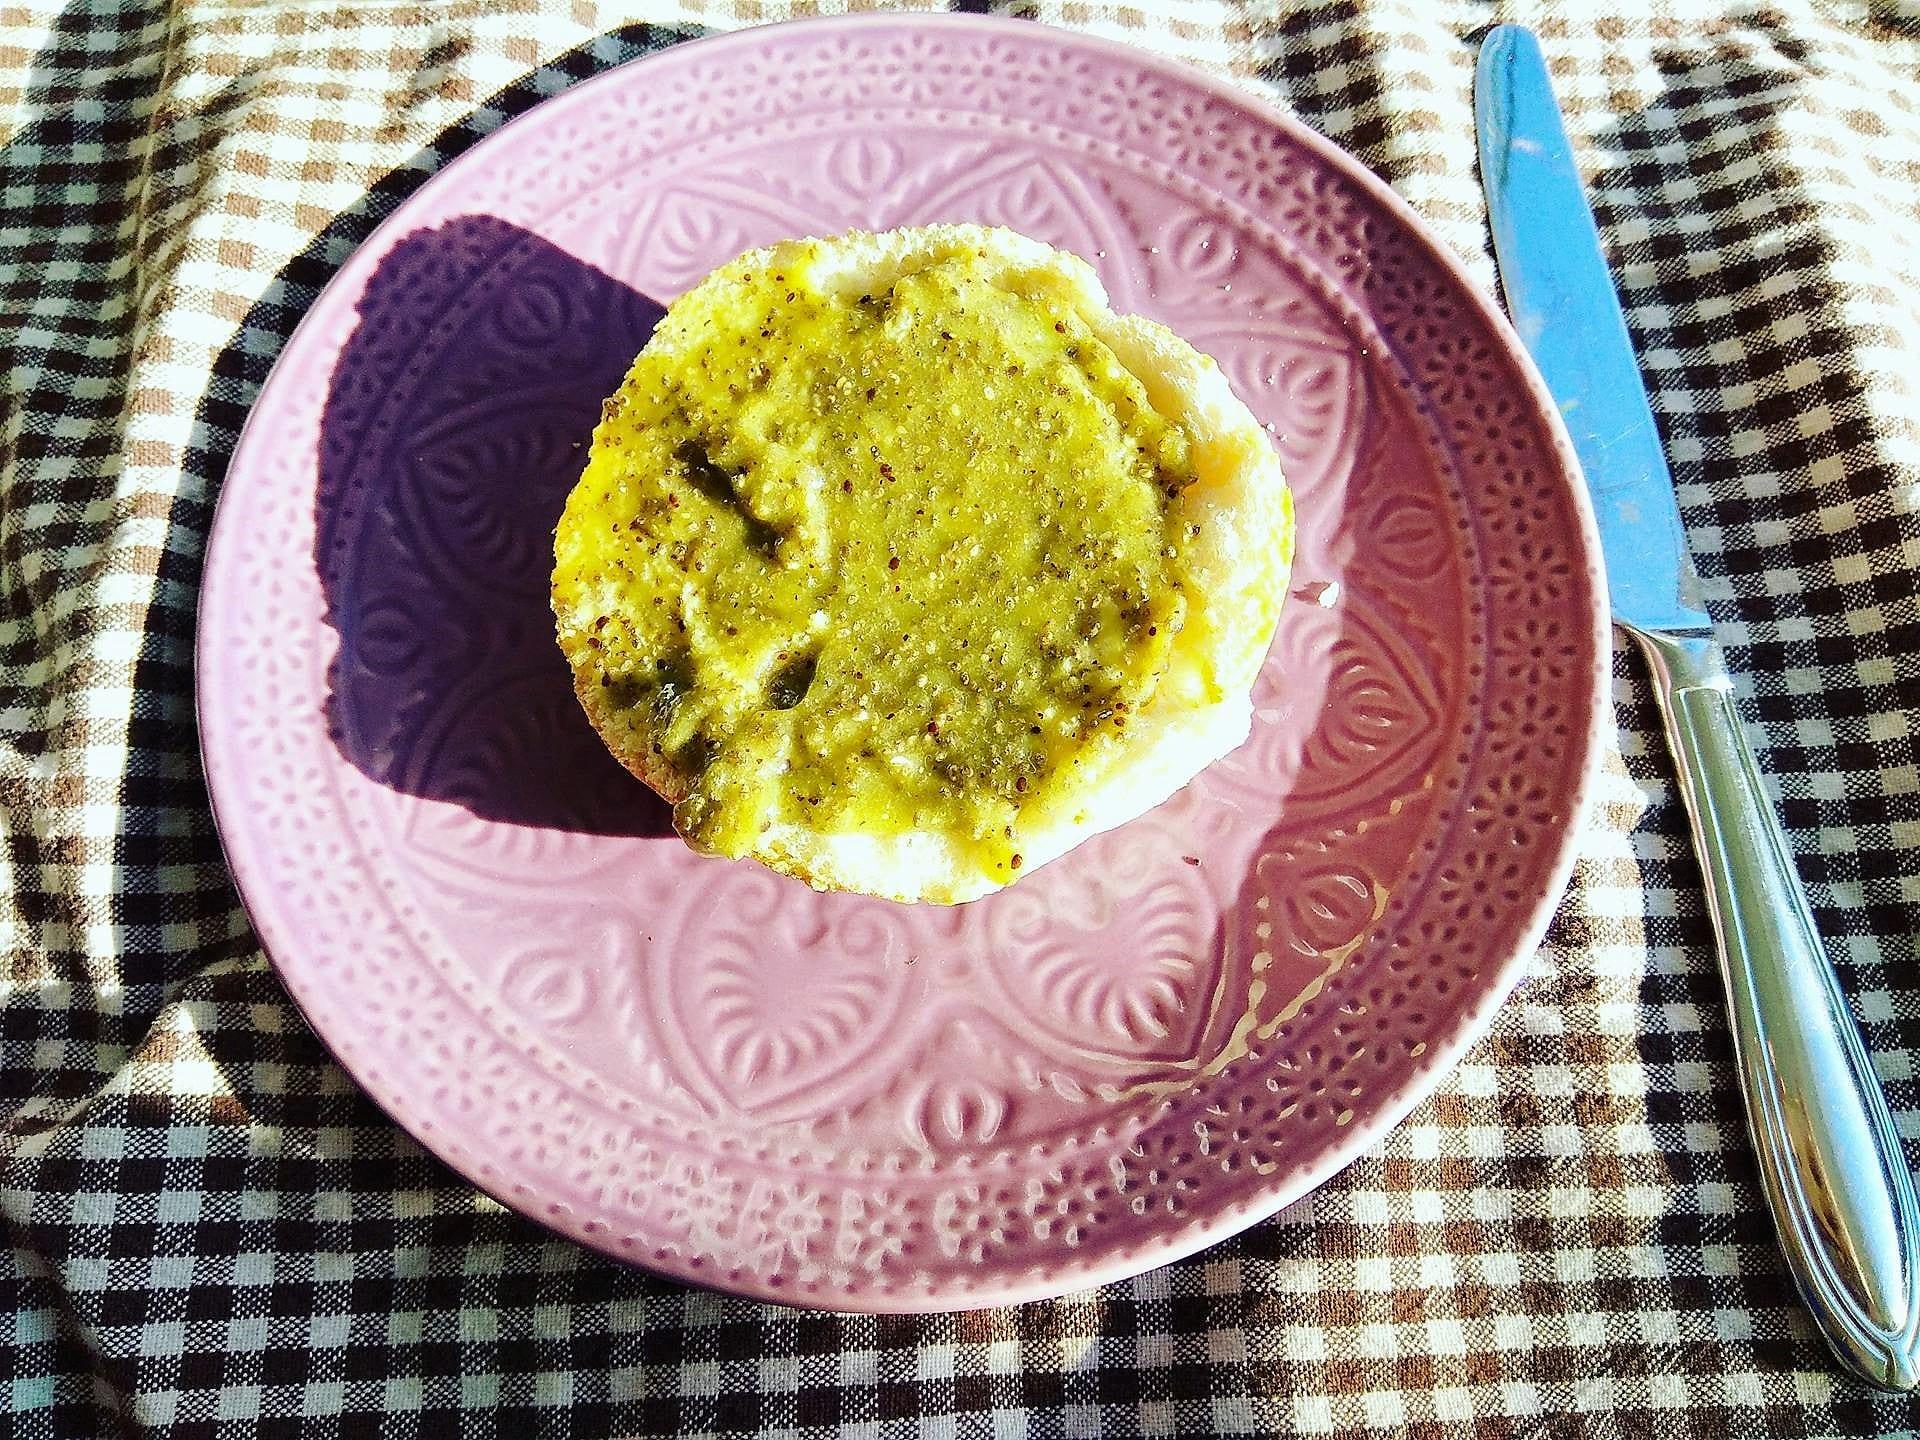 Das Lieblingsessen der Freitagslieblinge am 2.2.18 im Blog Puddingklecks ist zuckerfreie Kiwimarmelade